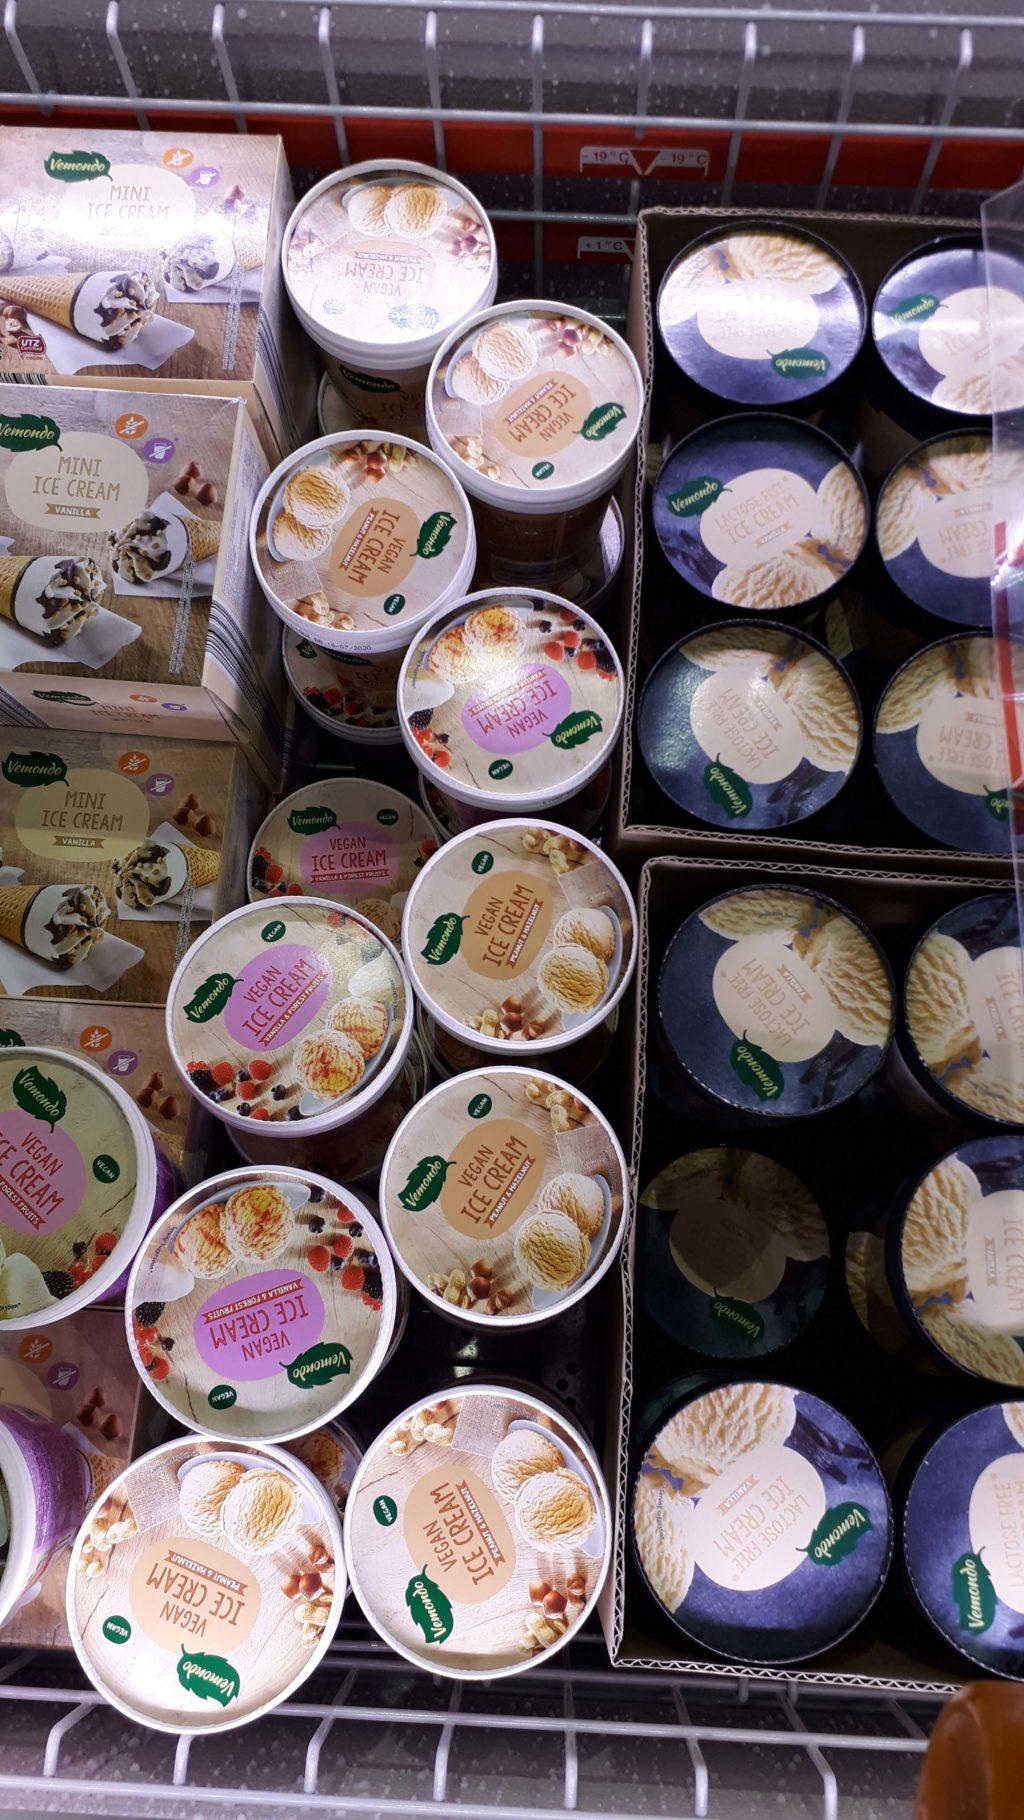 Veganes Eis in den Sorten Erdnuss-Haselnuss oder Vanille-Waldfrucht